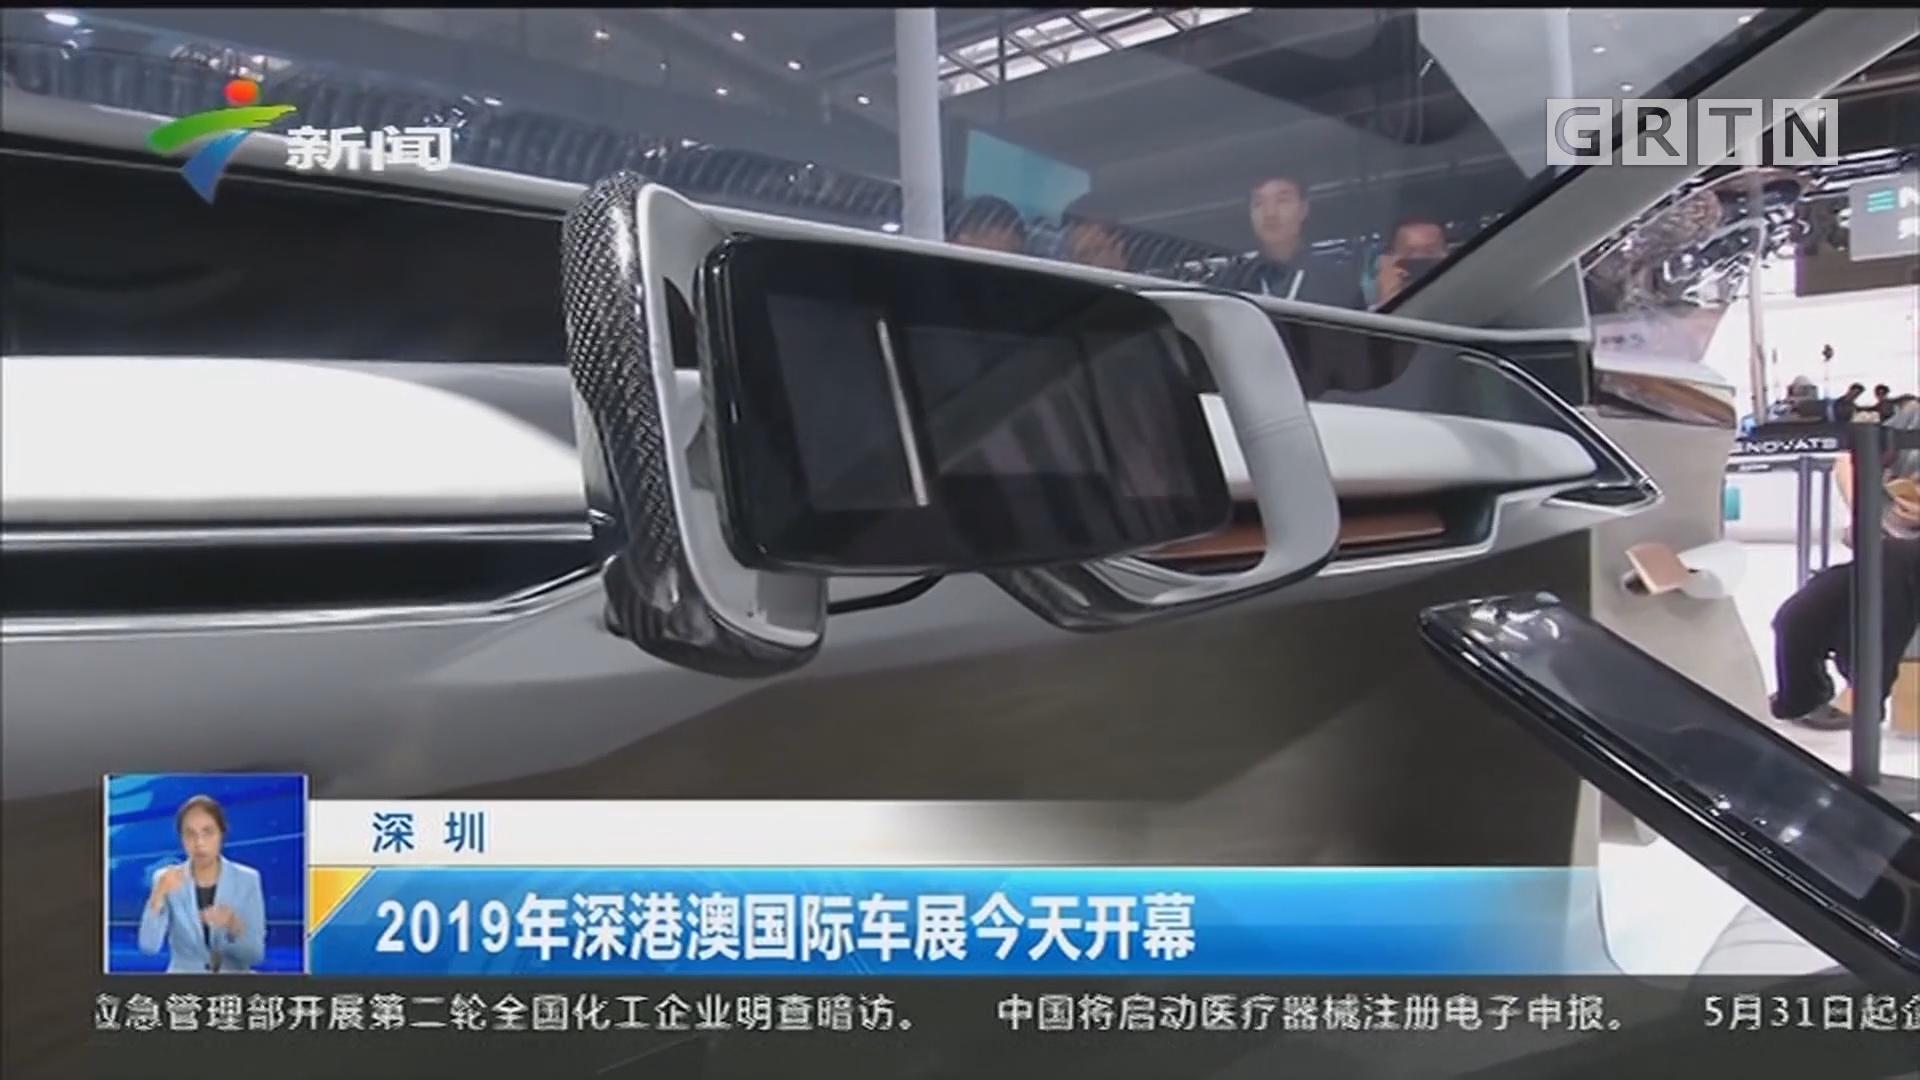 深圳:2019年深港澳国际车展今天开幕